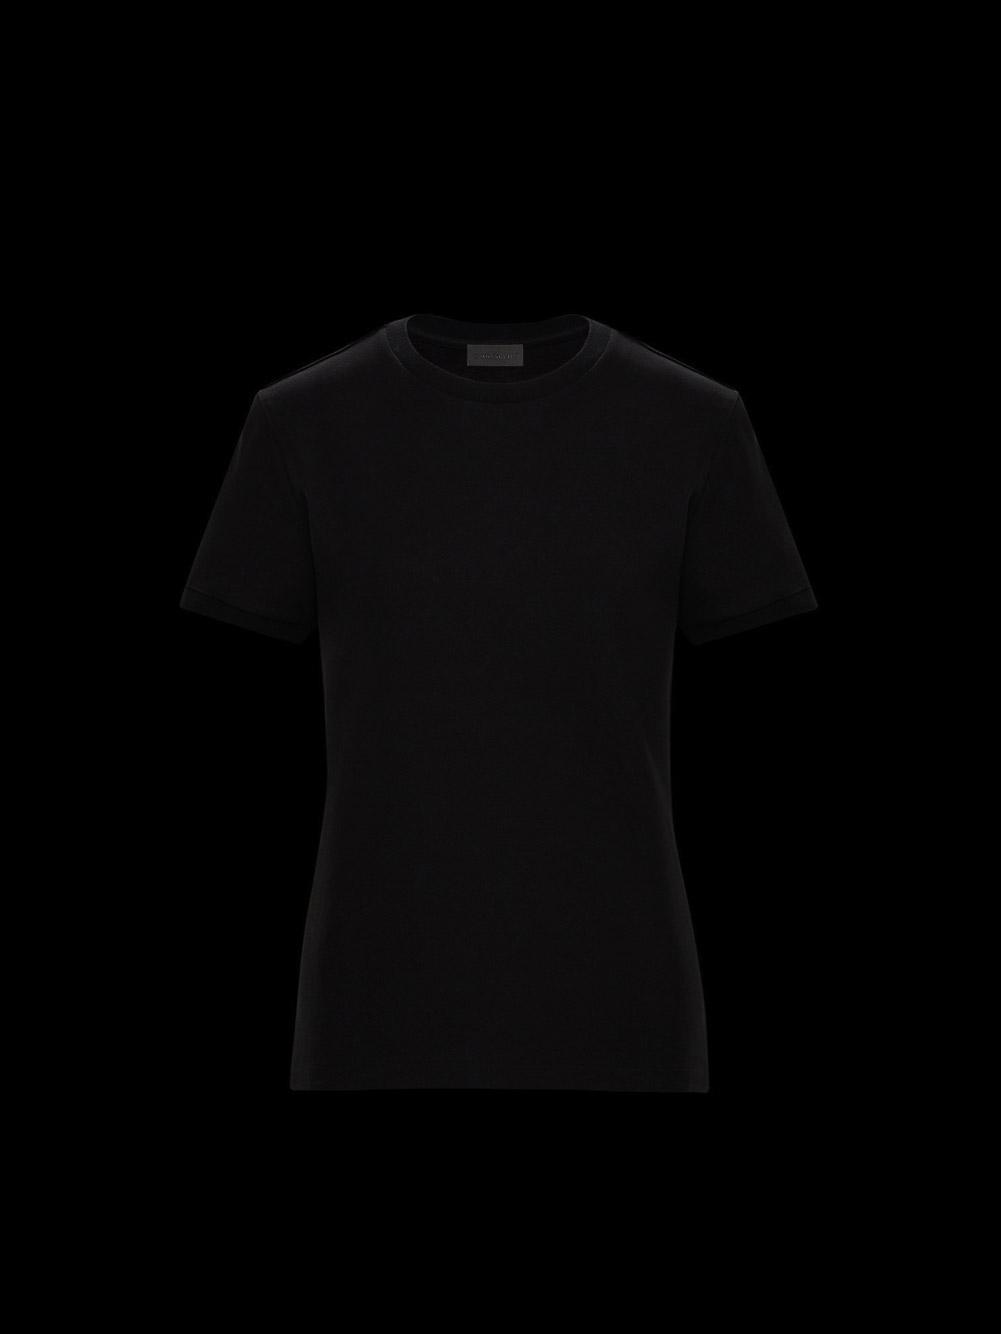 MONCLER Μπλούζα T-shirt 0938C7B010829H8-999 ΜΑΥΡΟ